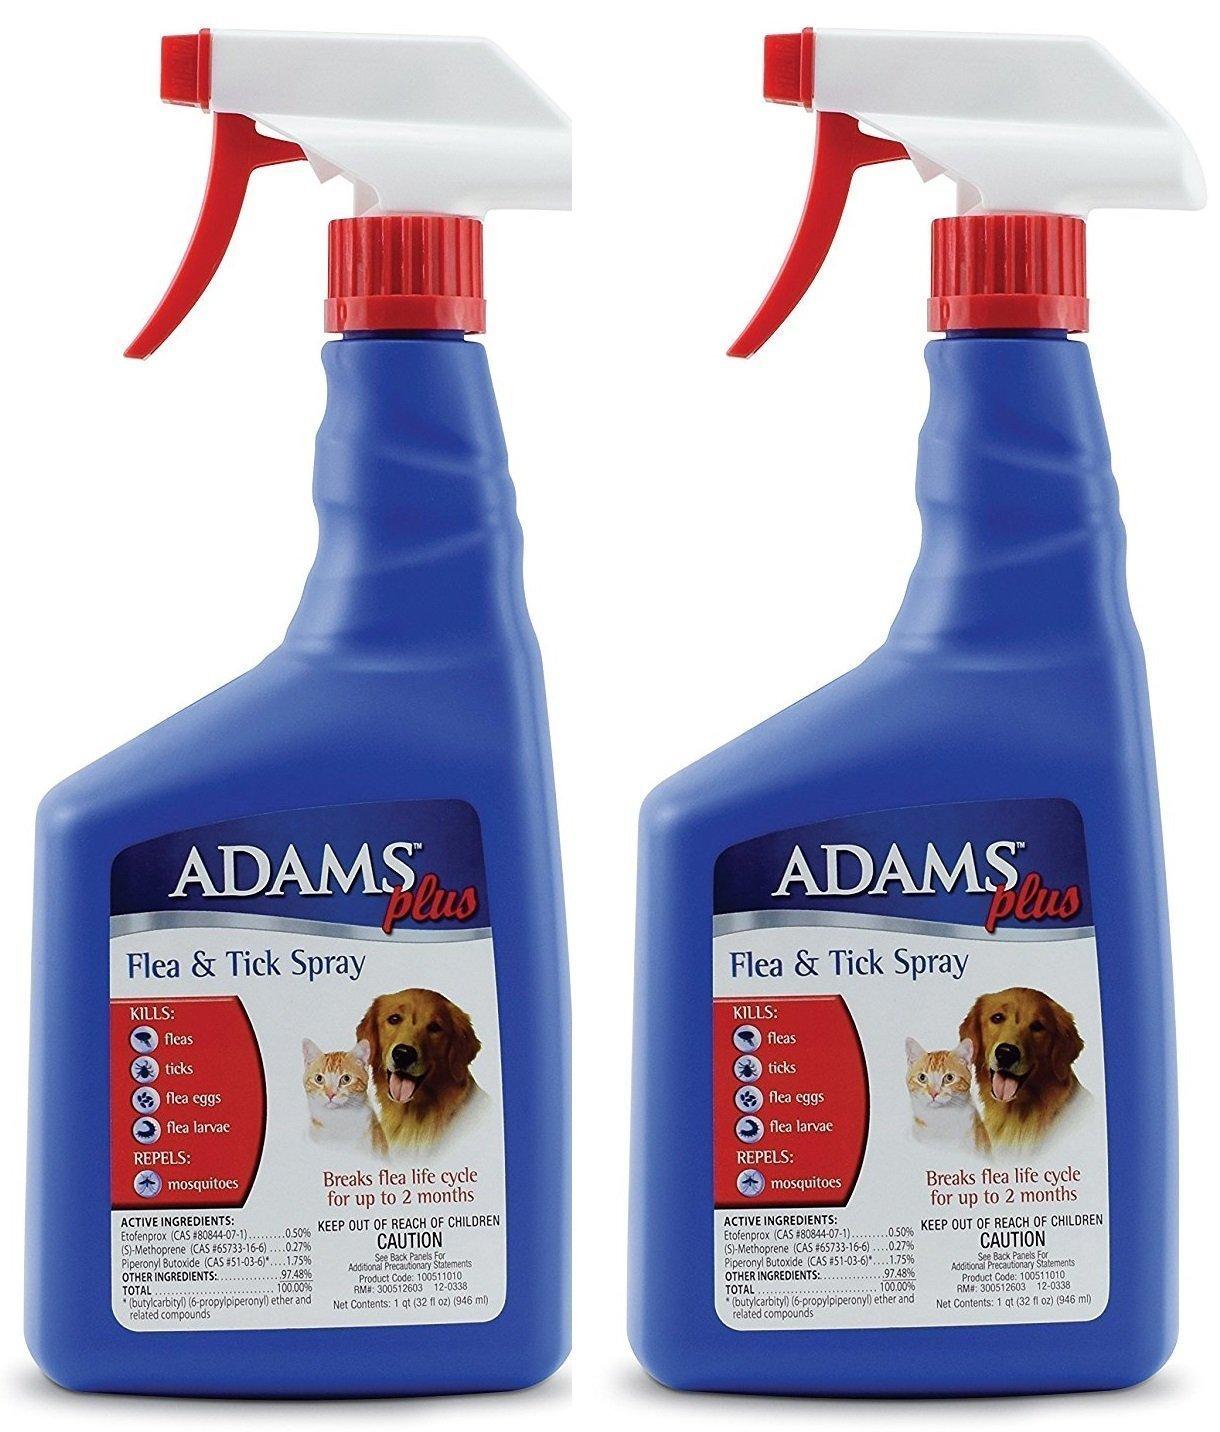 Adams Plus Flea & Tick Spray 32oz